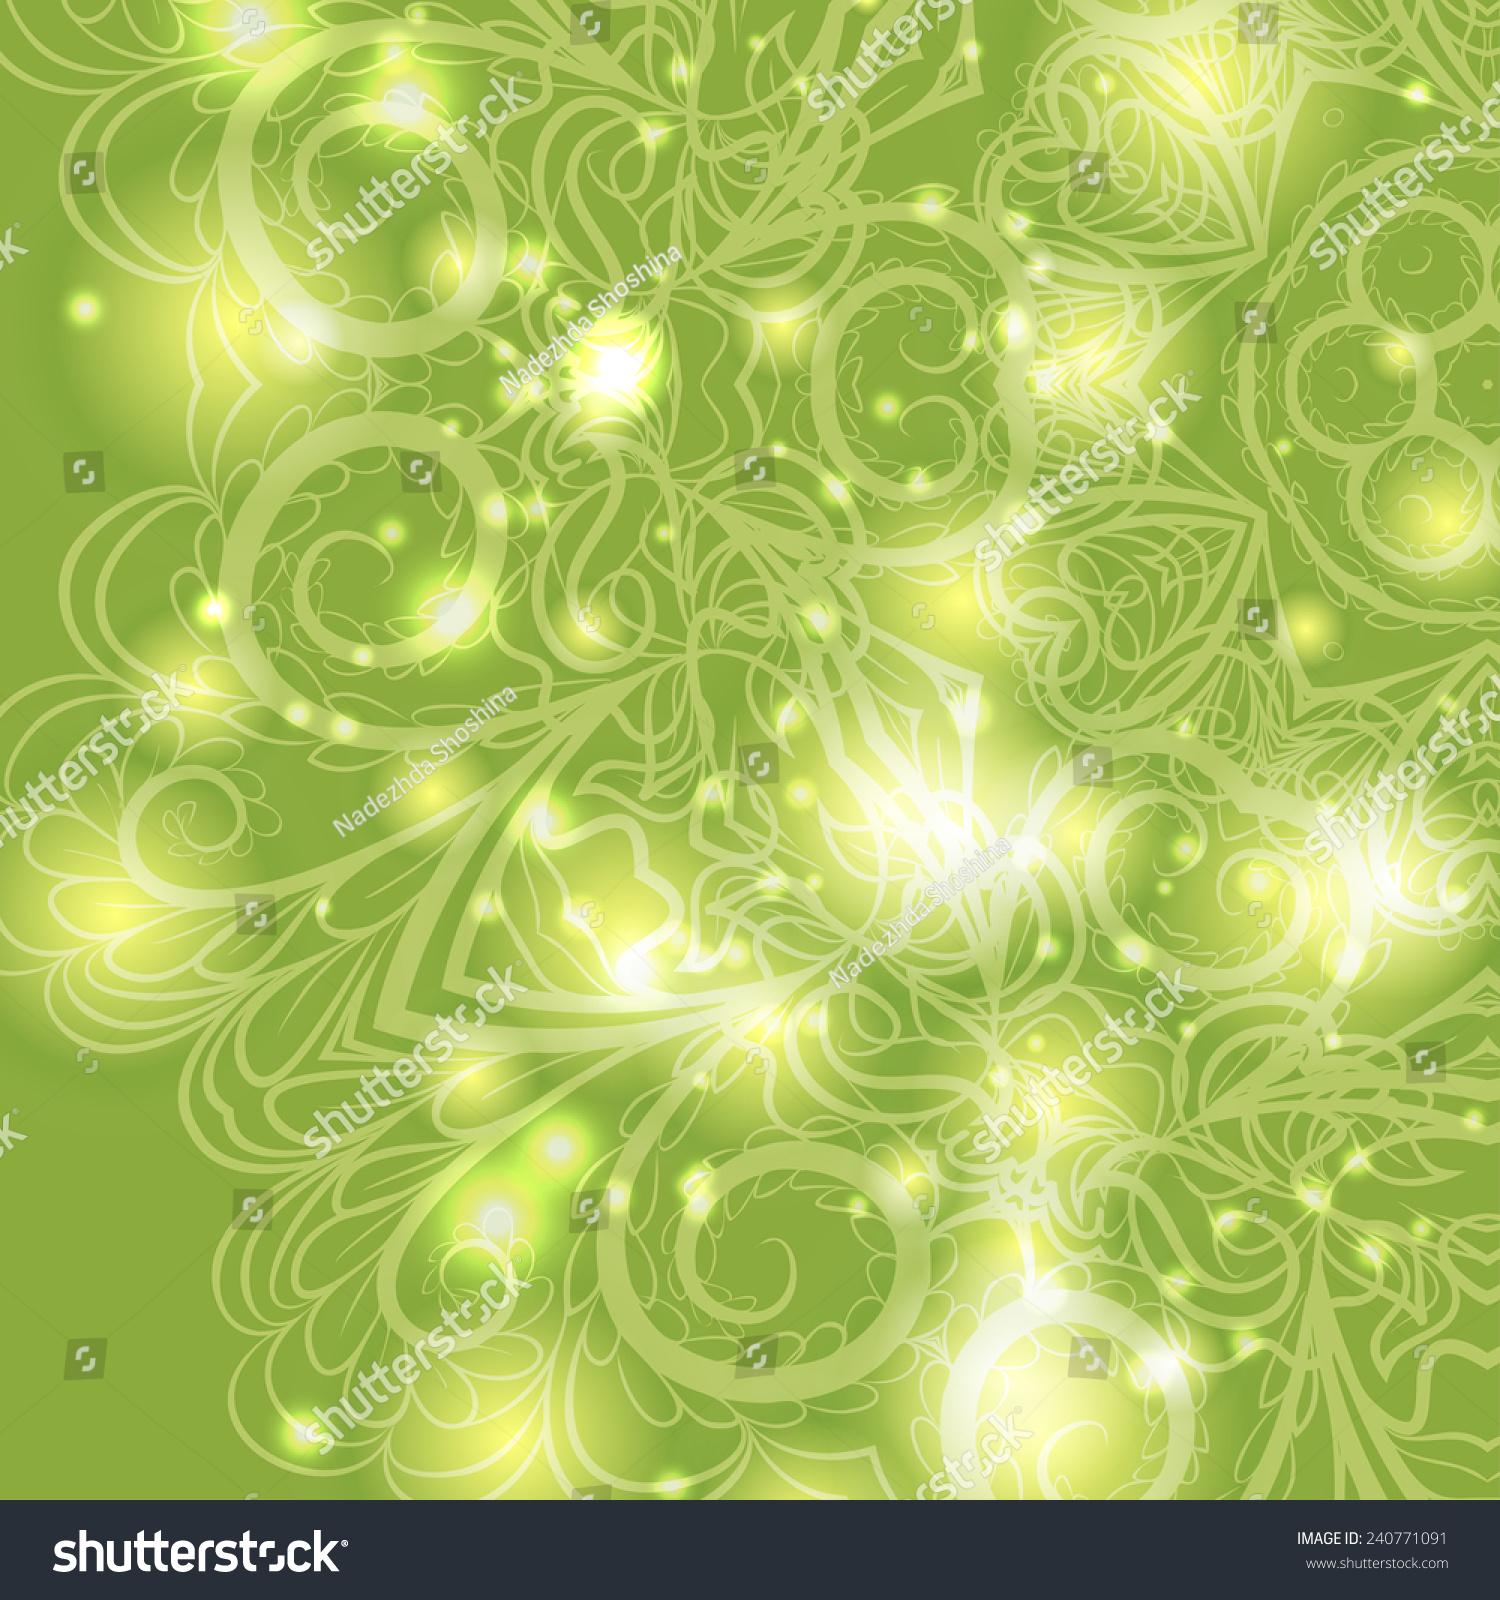 绿色背景下的花卉图案-背景/素材